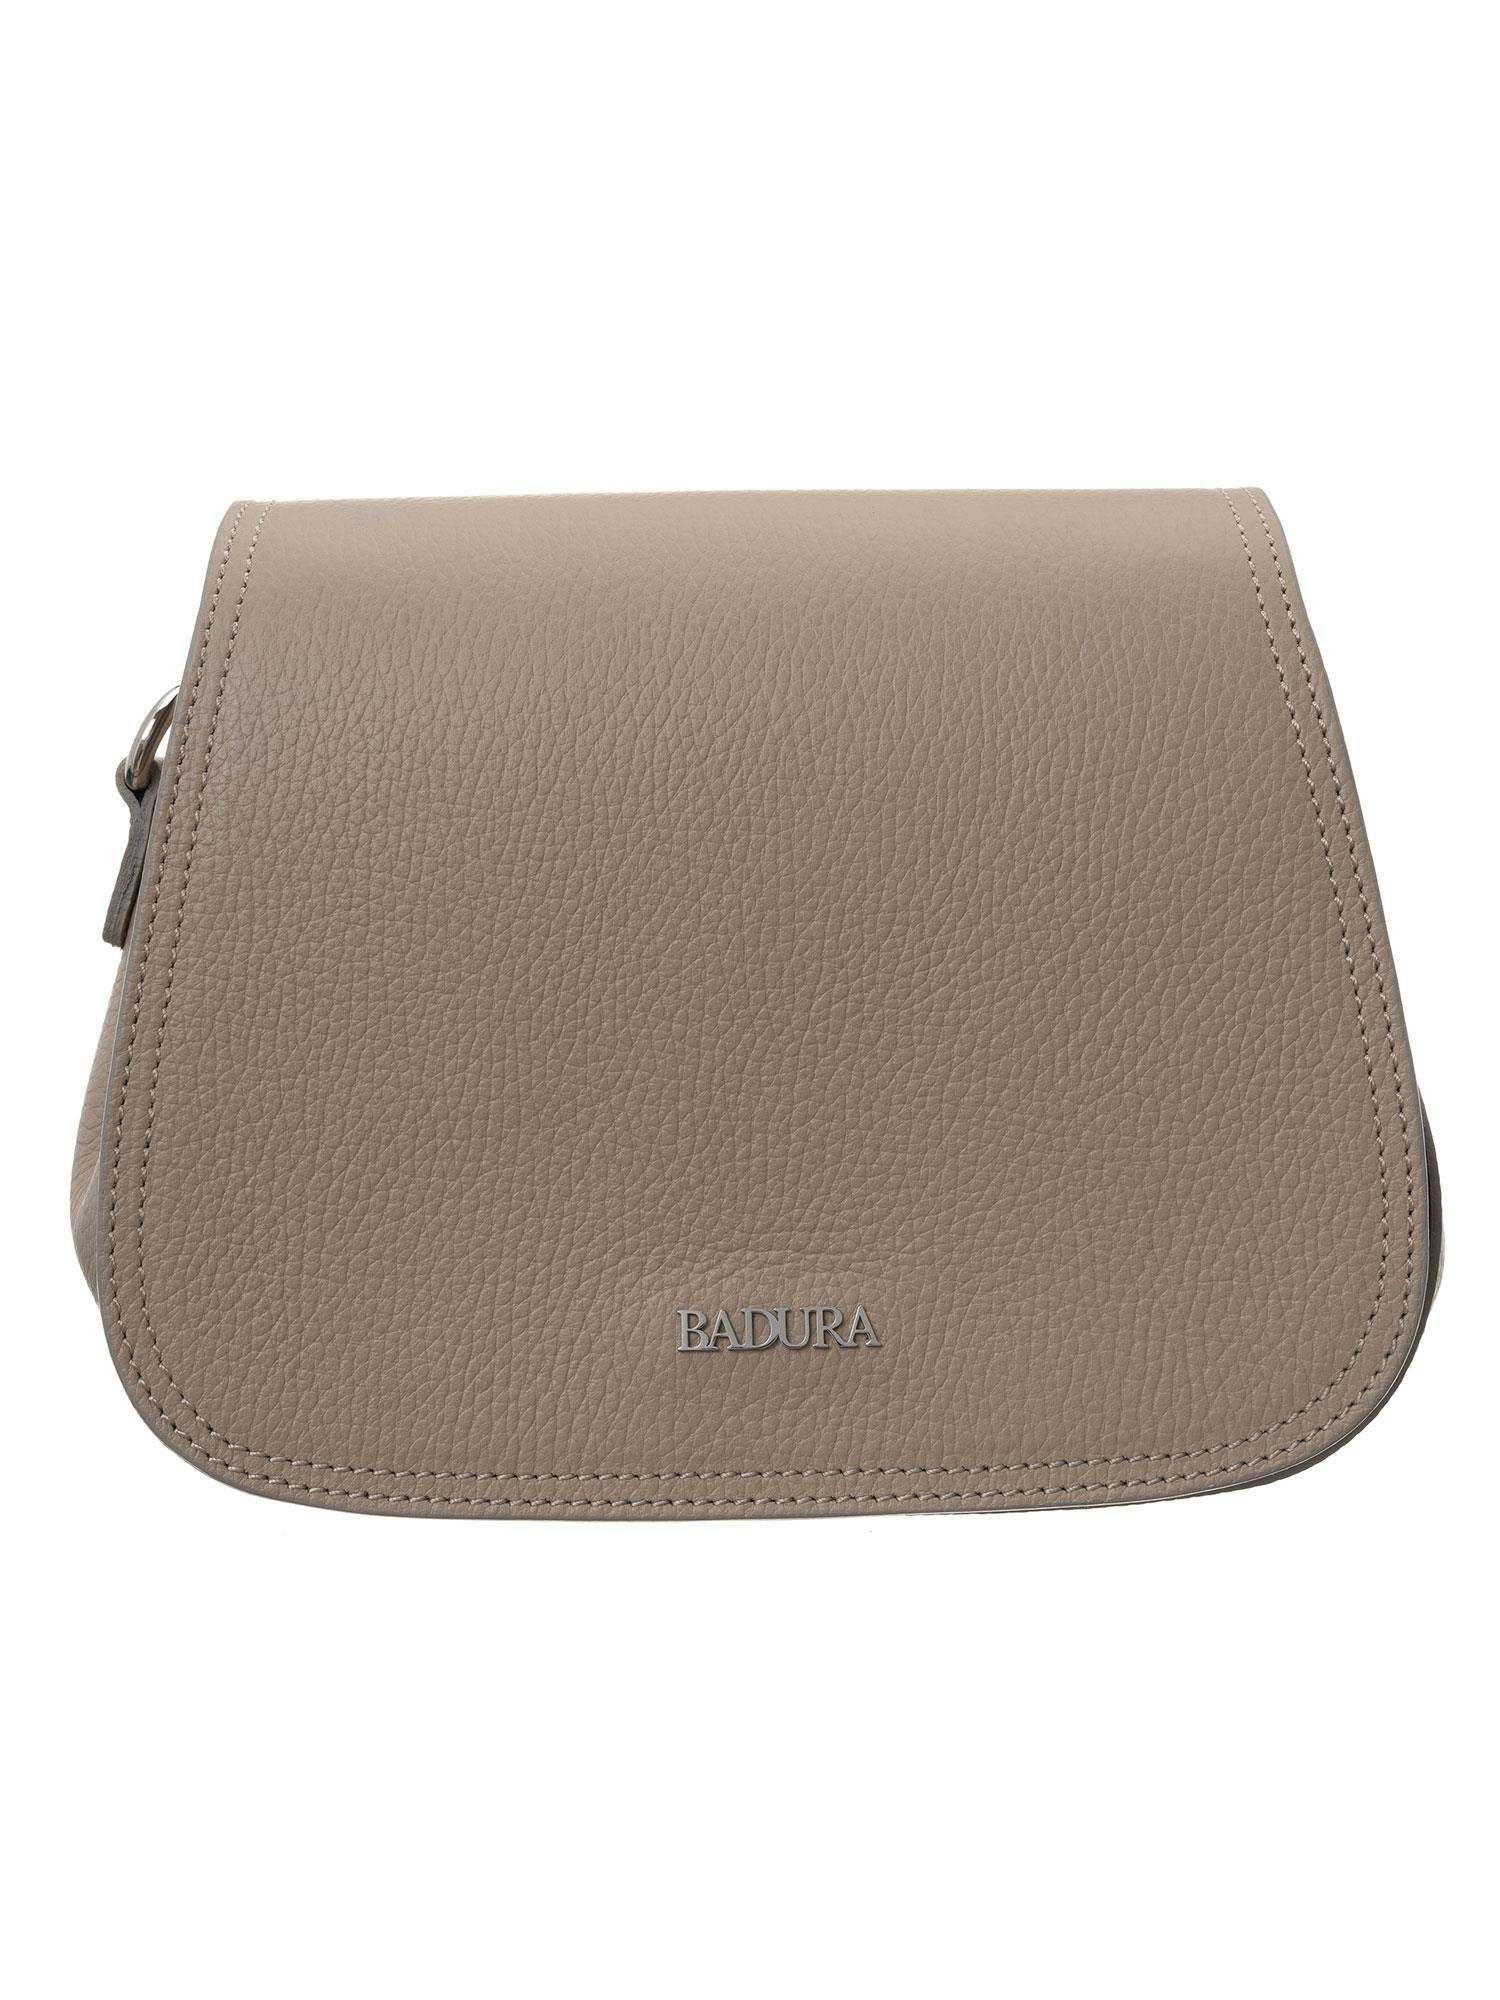 Badura Béžová kožená kabelka one size